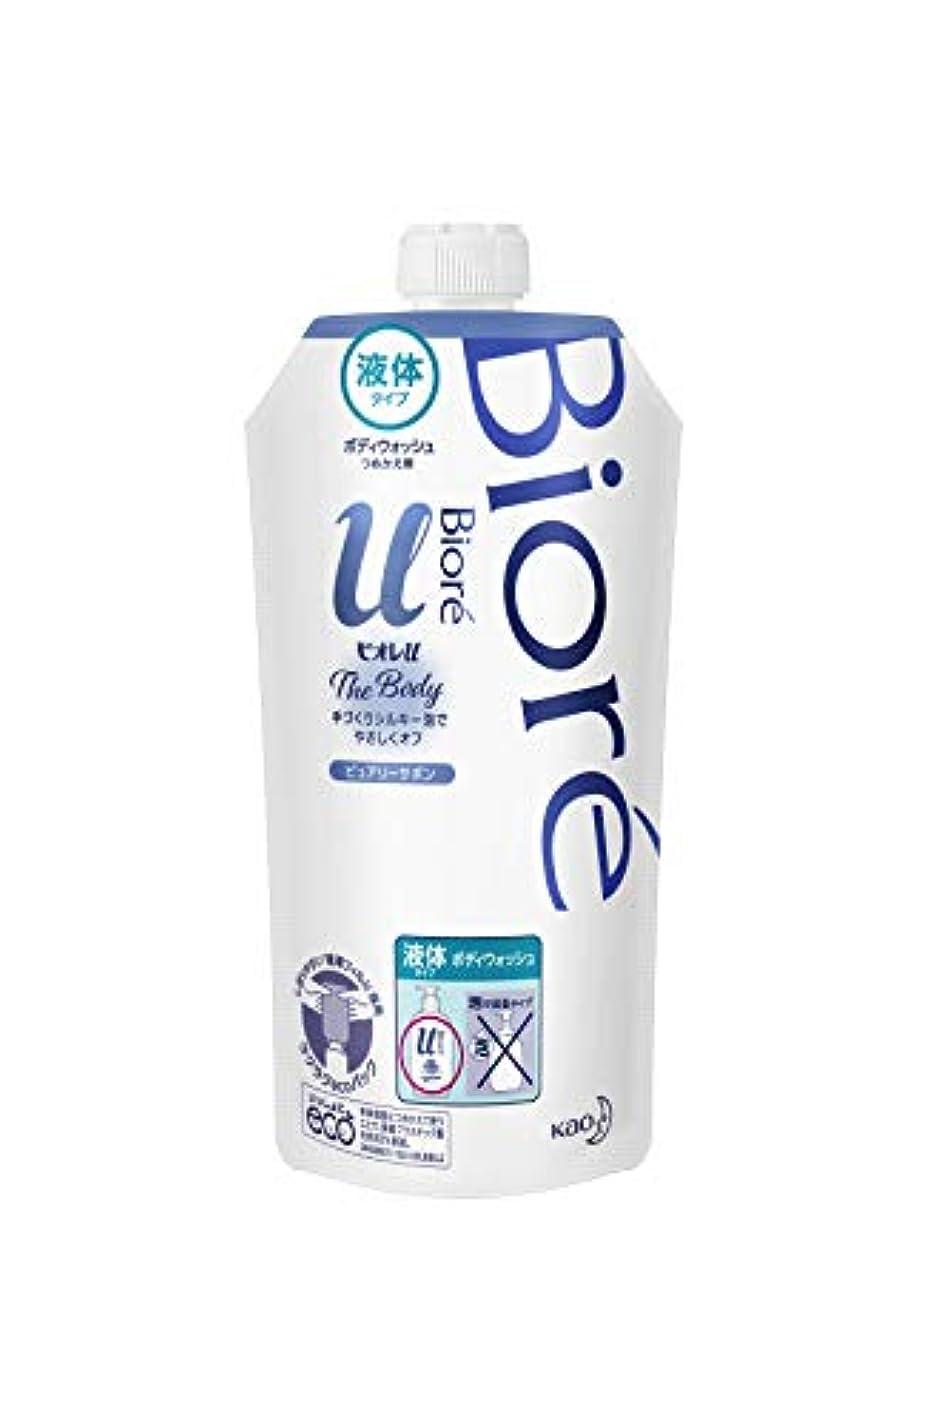 悪夢概要請うビオレu ザ ボディ 〔 The Body 〕 液体タイプ ピュアリーサボンの香り つめかえ用 340ml 「高潤滑処方の手づくりシルキー泡」